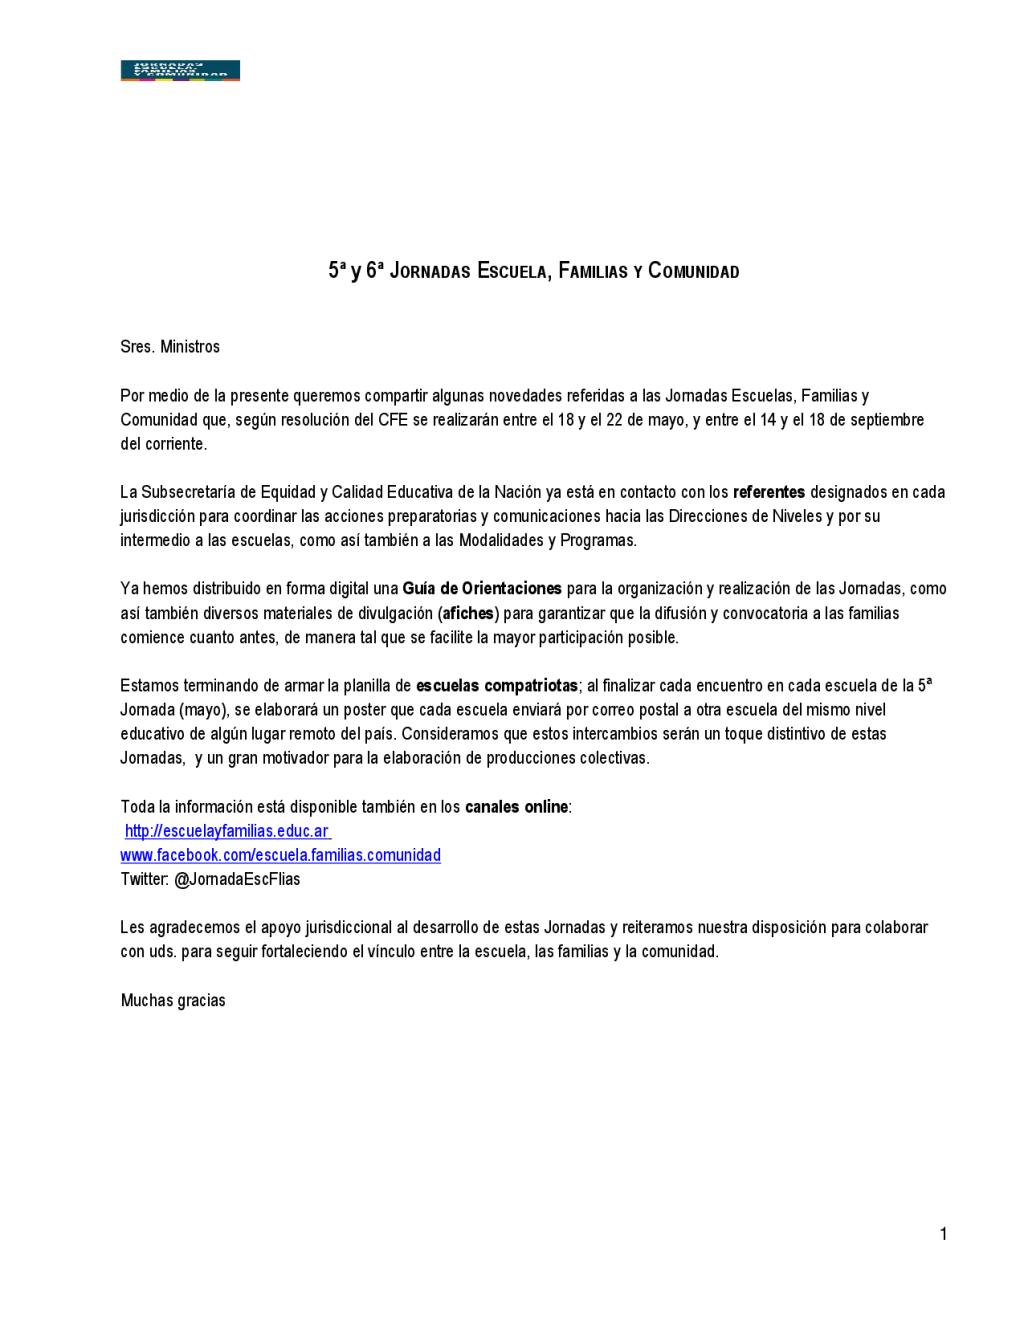 CFE-Novedades-Jornadas2015